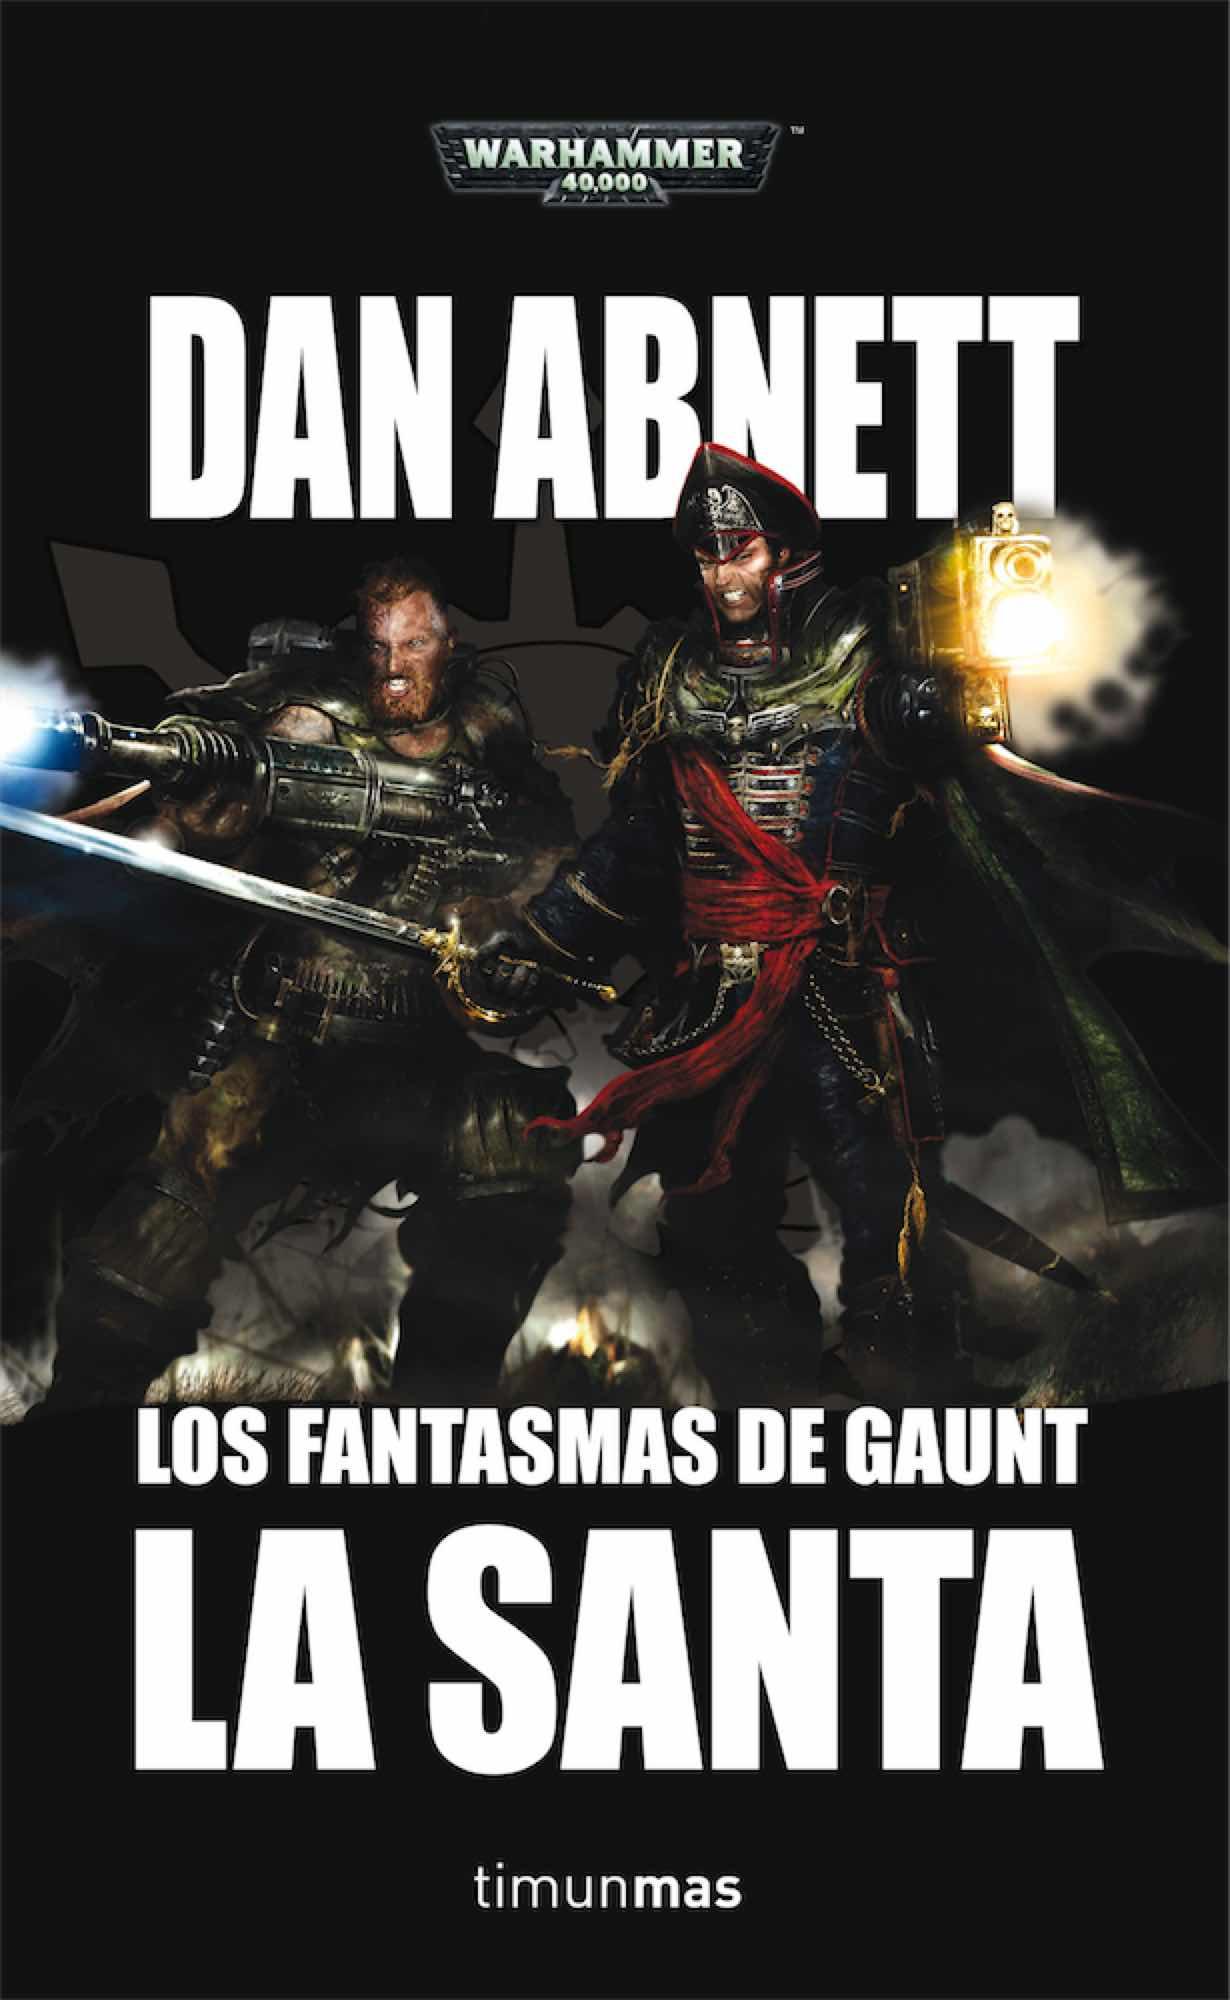 LA SANTA. LOS FANTASMAS DE GAUNT (SEGUNDO OMNIBUS)